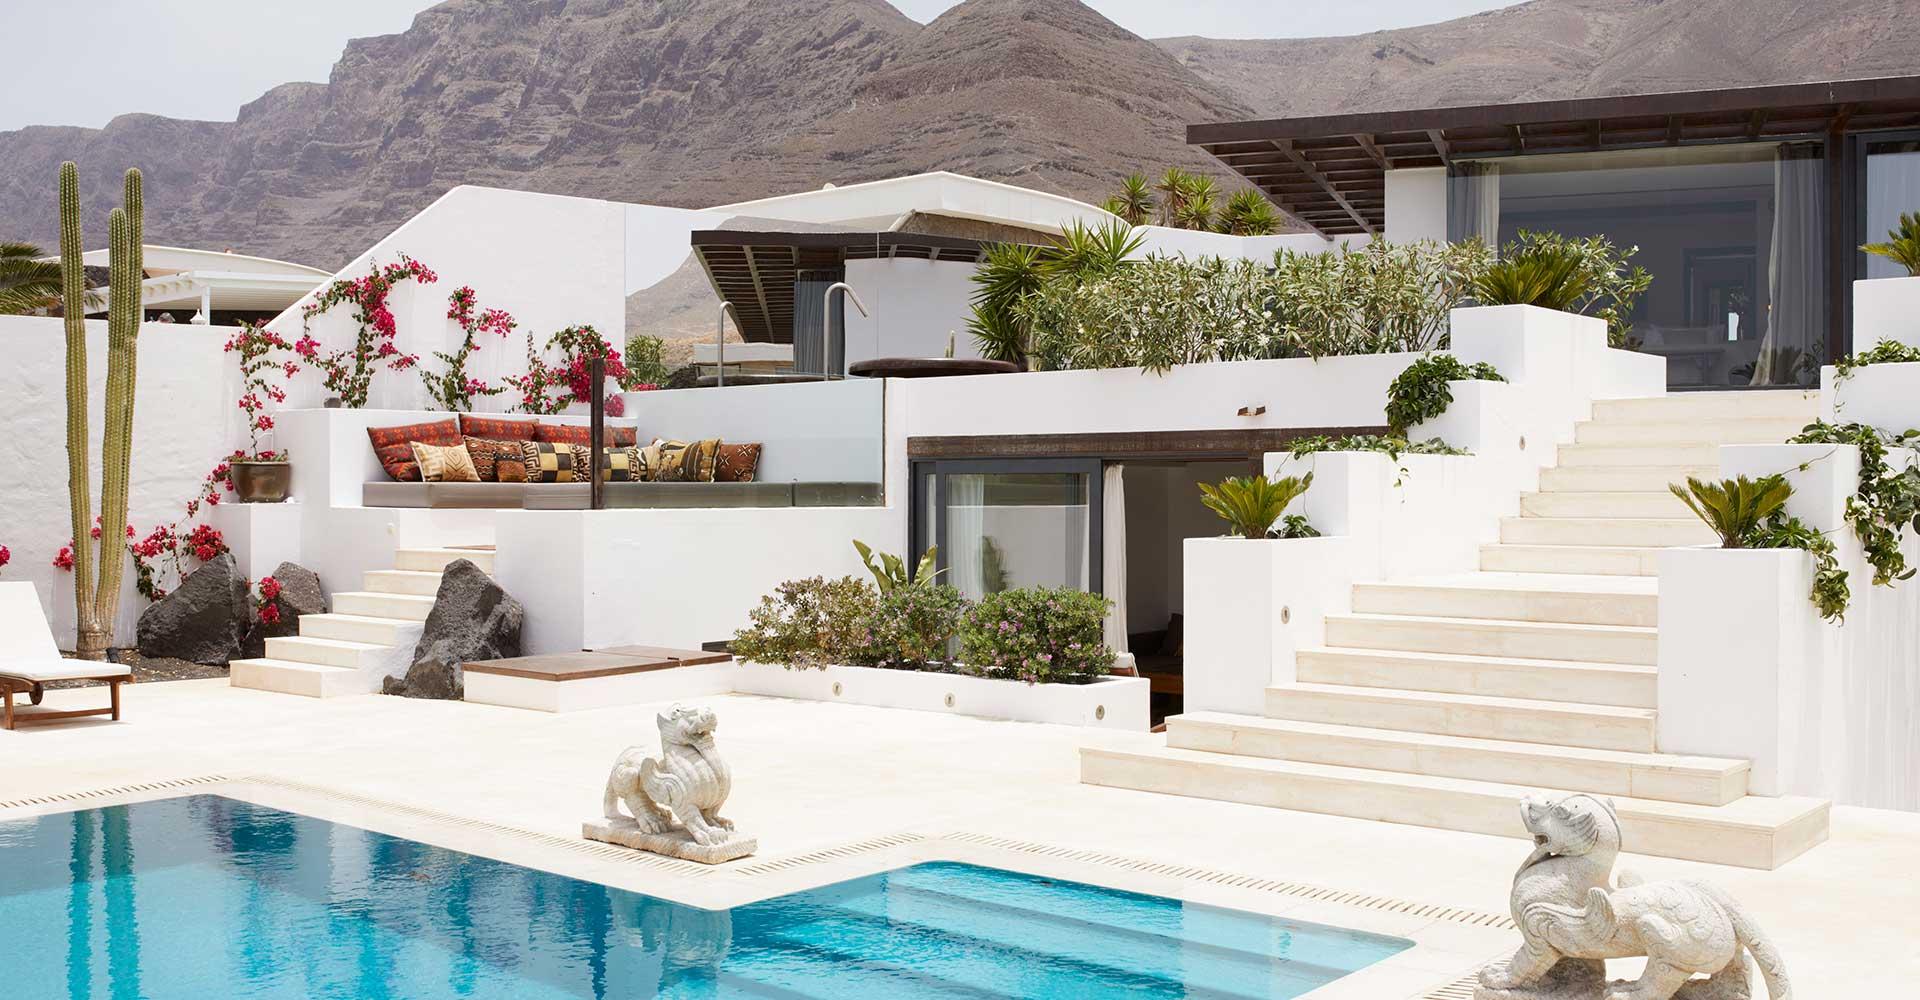 Casa Sua en Lanzarote exterior terrazas blancas y piscina